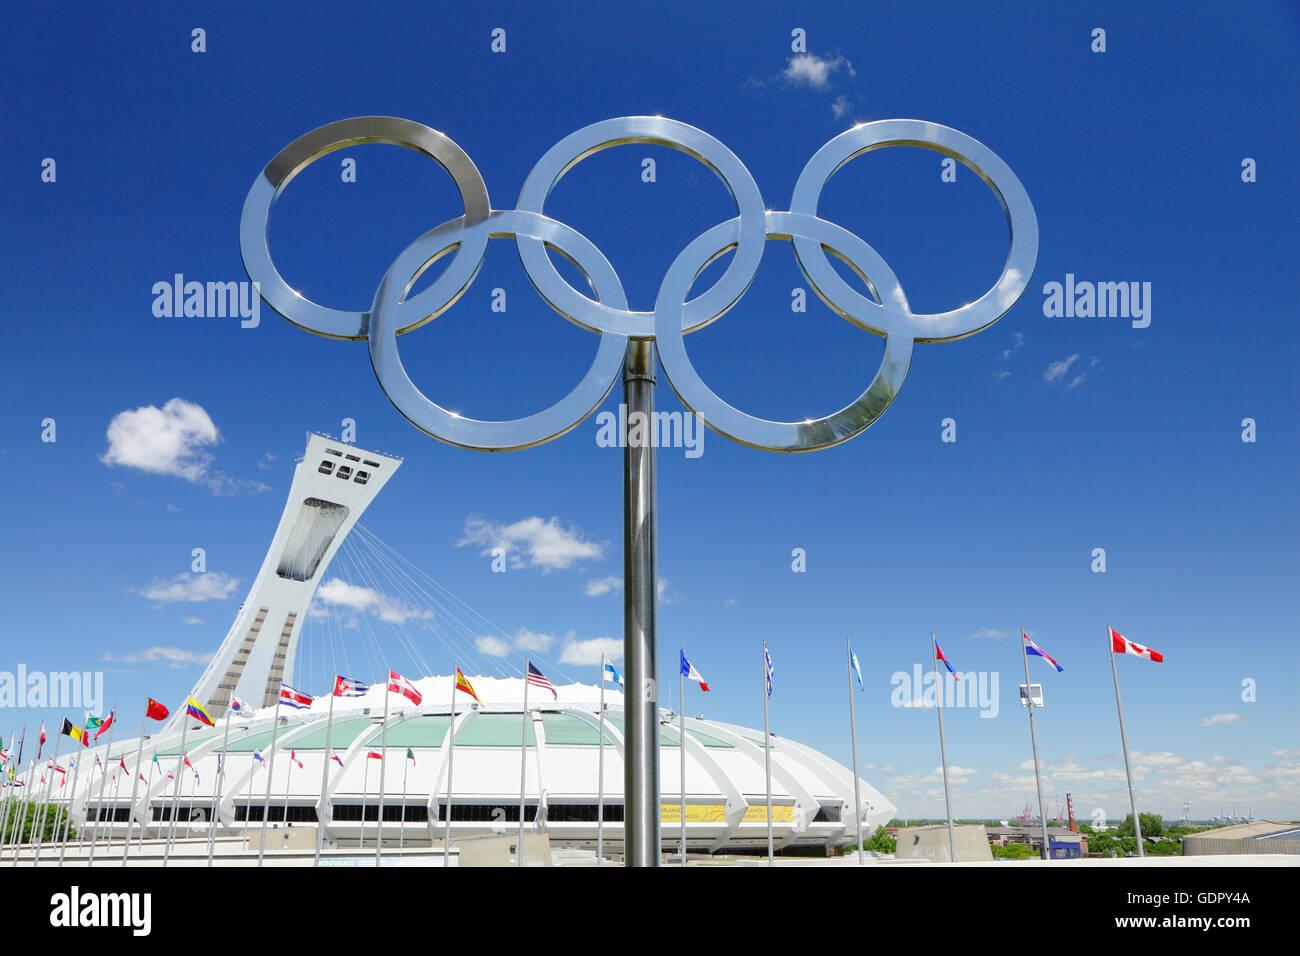 Le Stade Olympique, Stadio Olimpico, Montreal, Quebec, Canada Immagini Stock